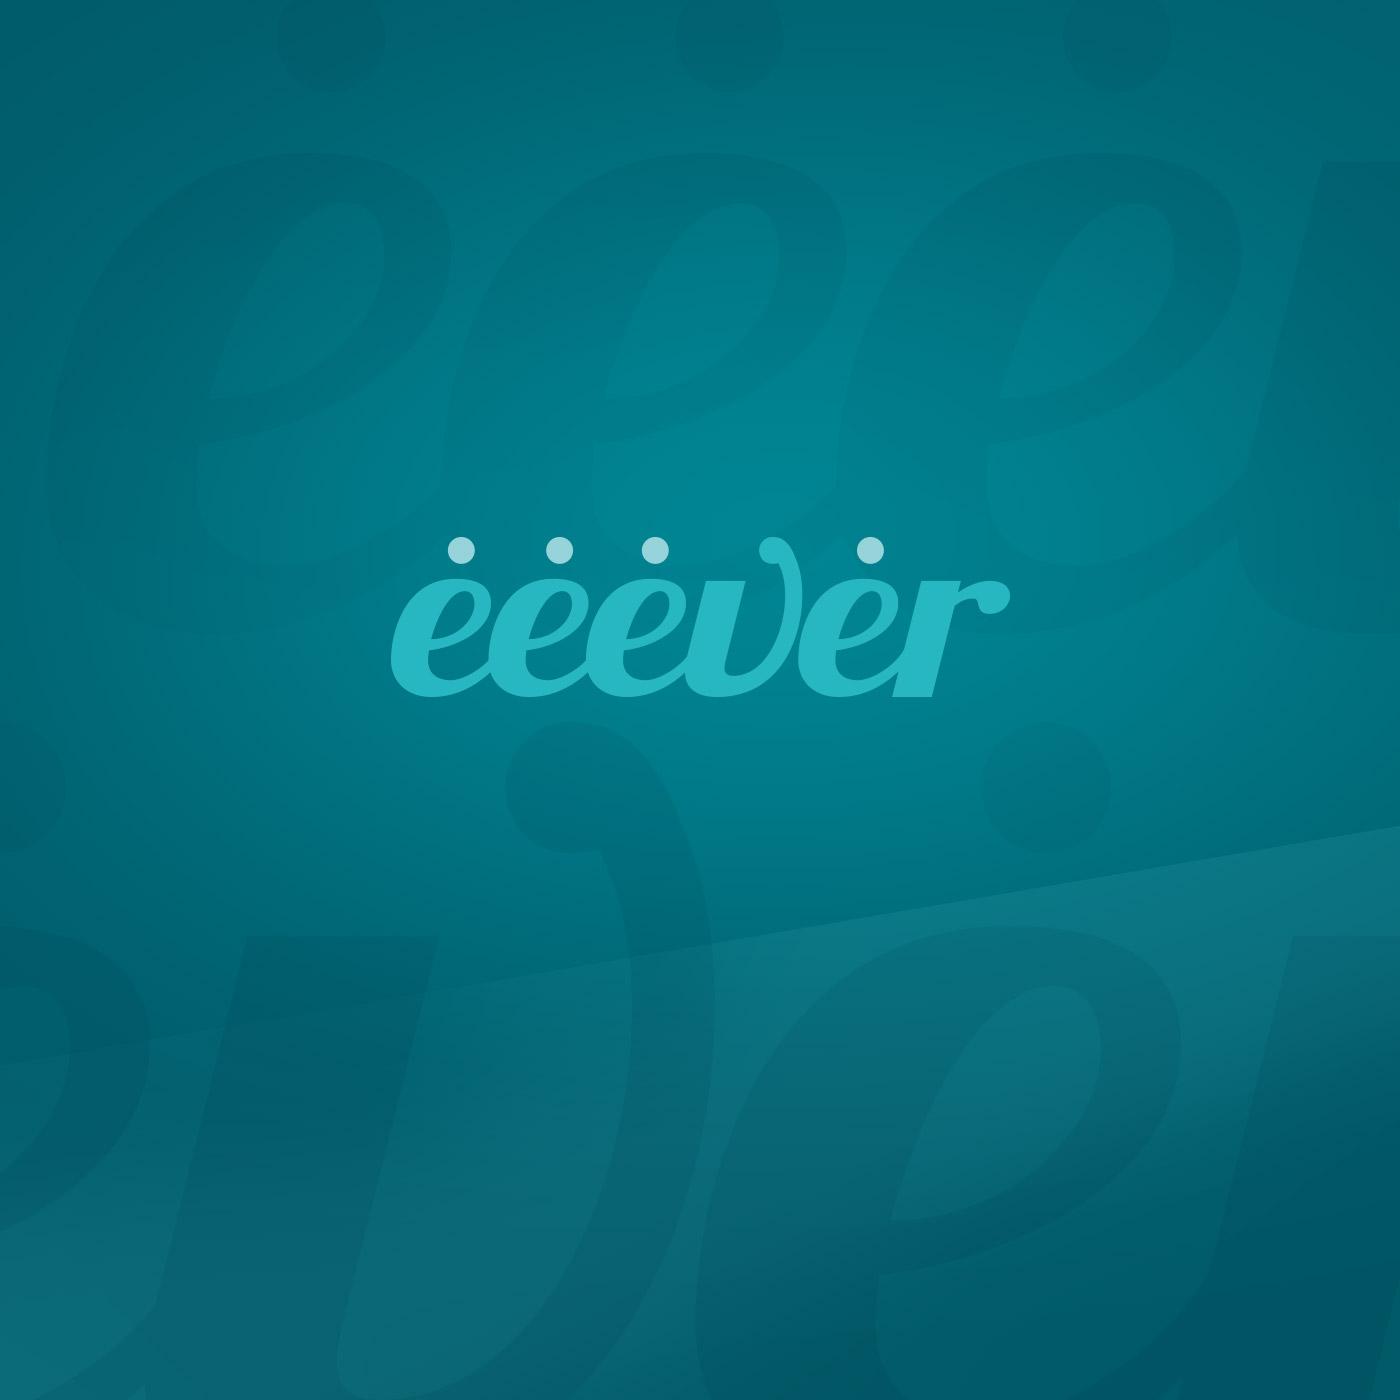 Logo eeever